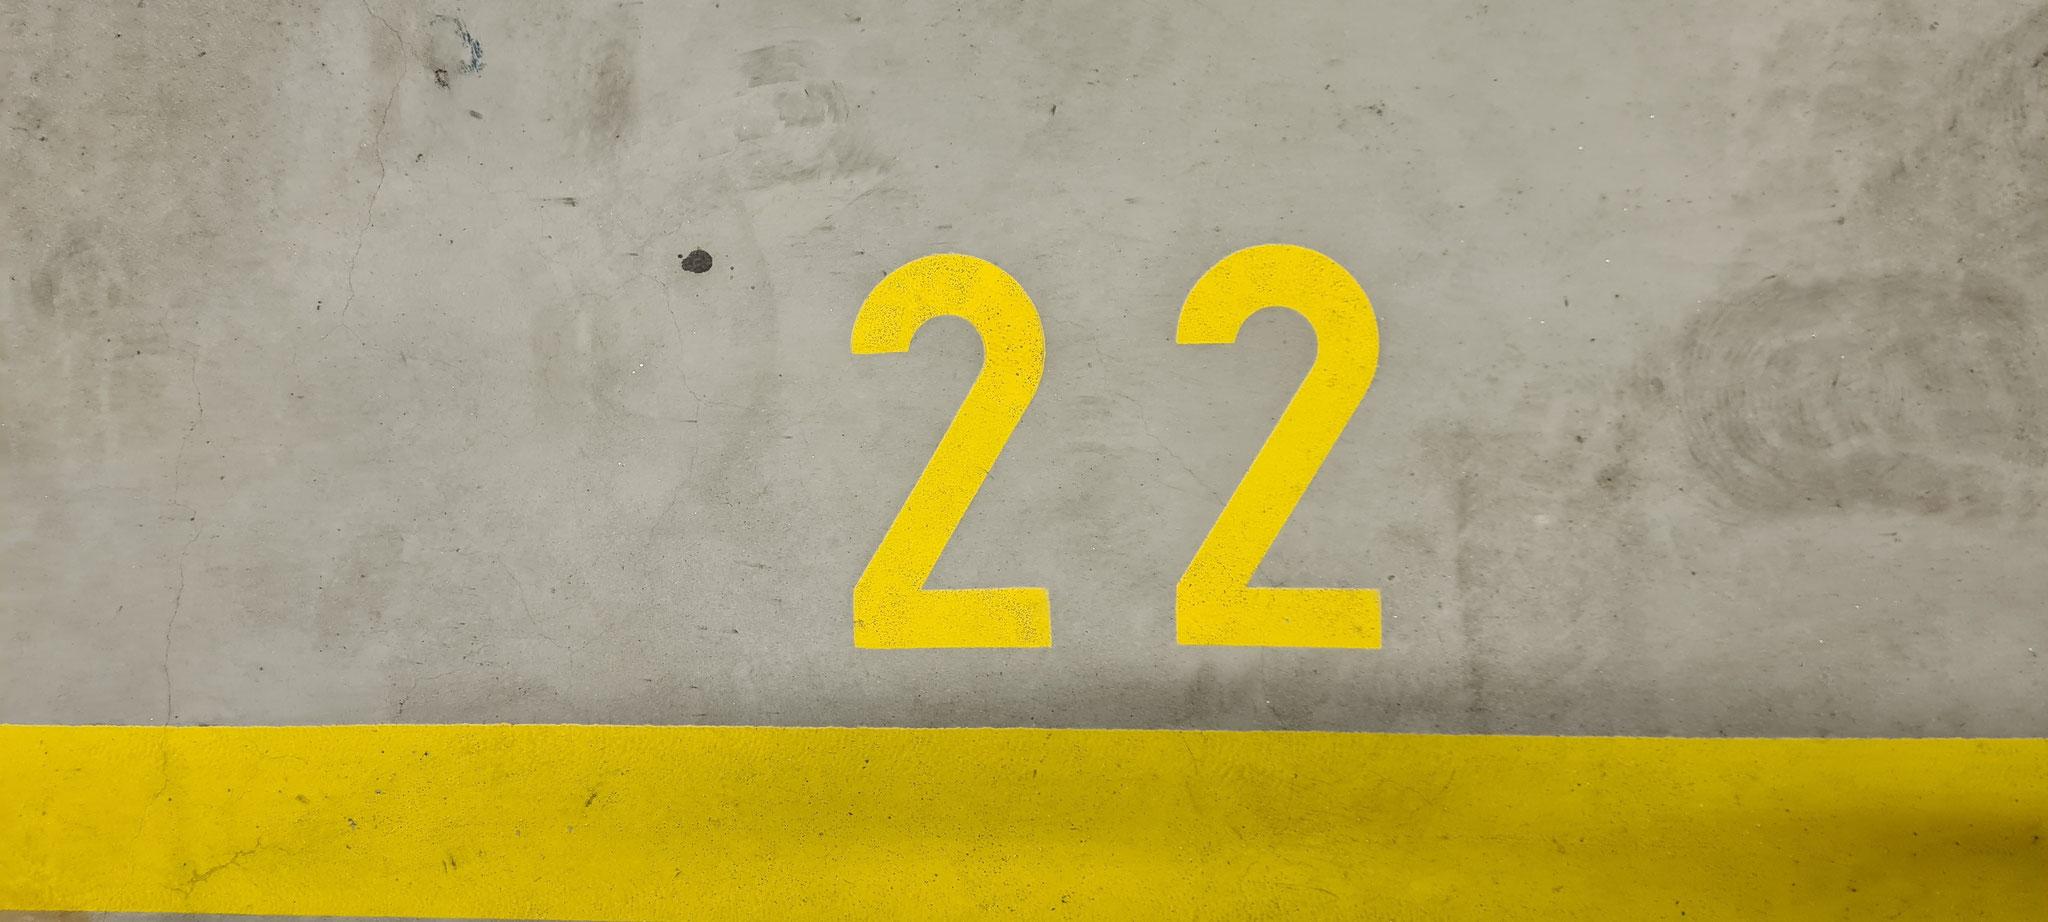 Von Parkplatz 12 zu Nr. 22 aufgestiegen